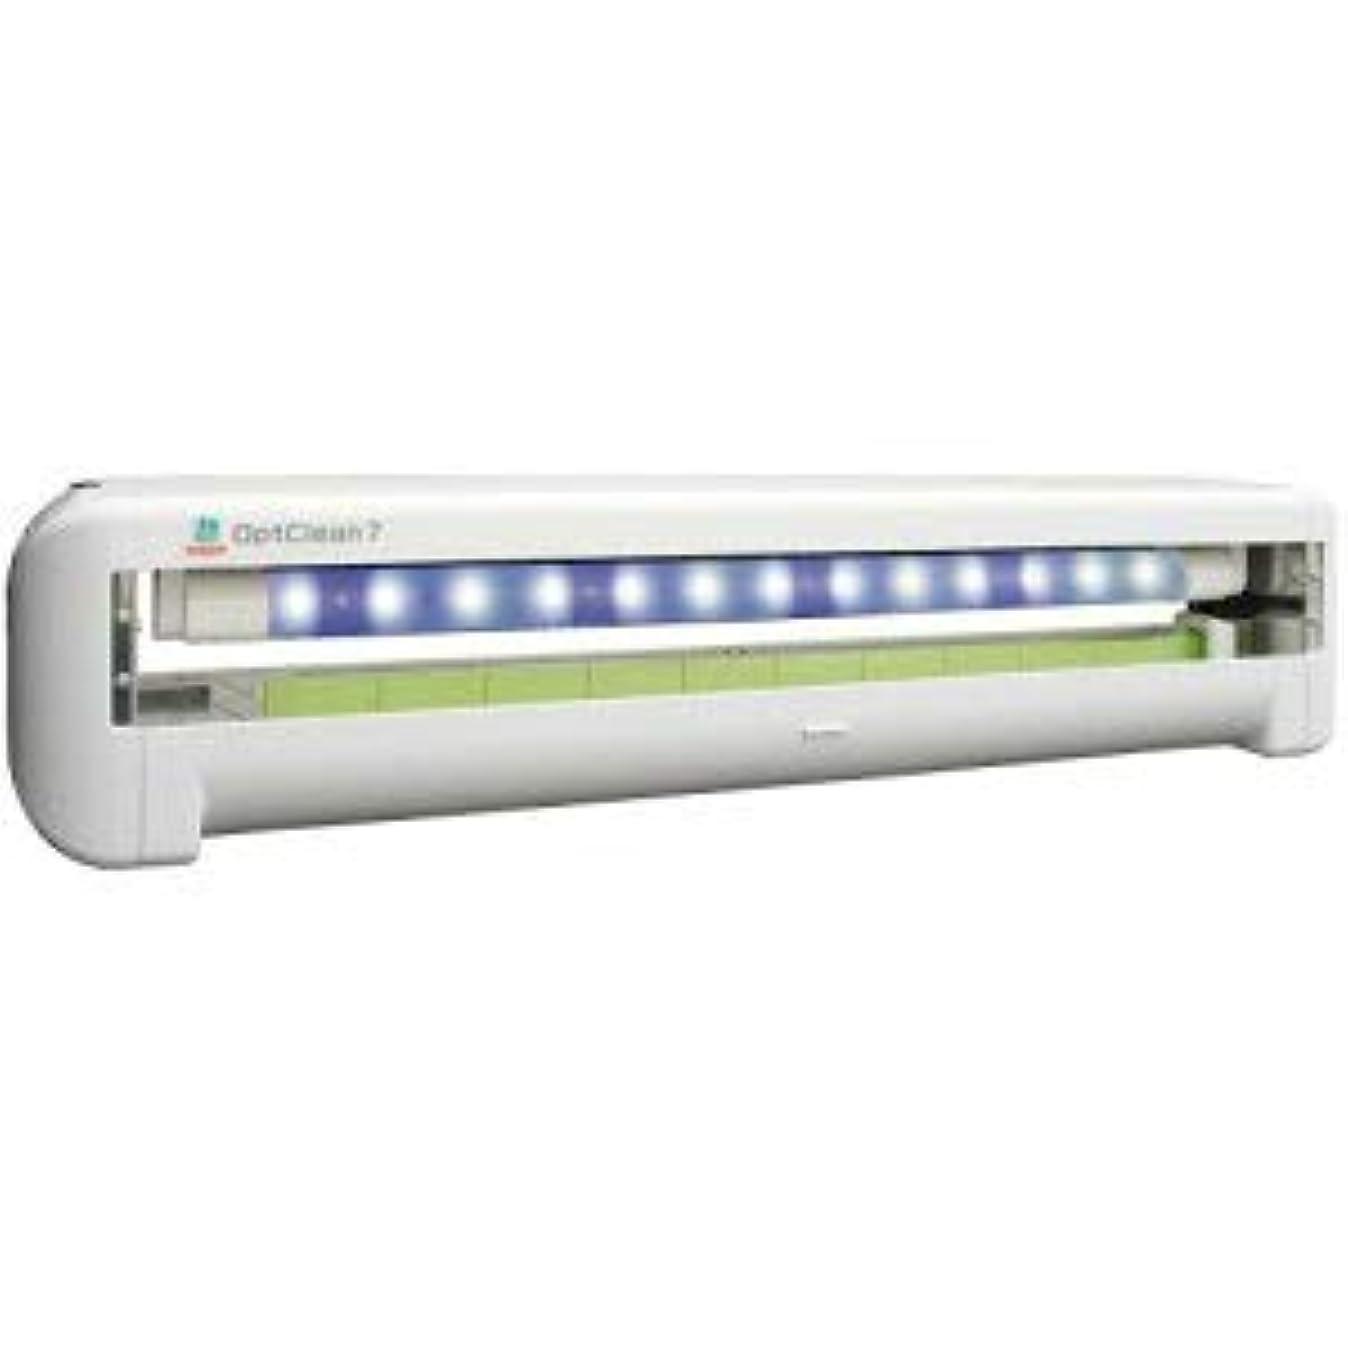 イカリ消毒 LEDオプトクリン7 壁掛け式 1台